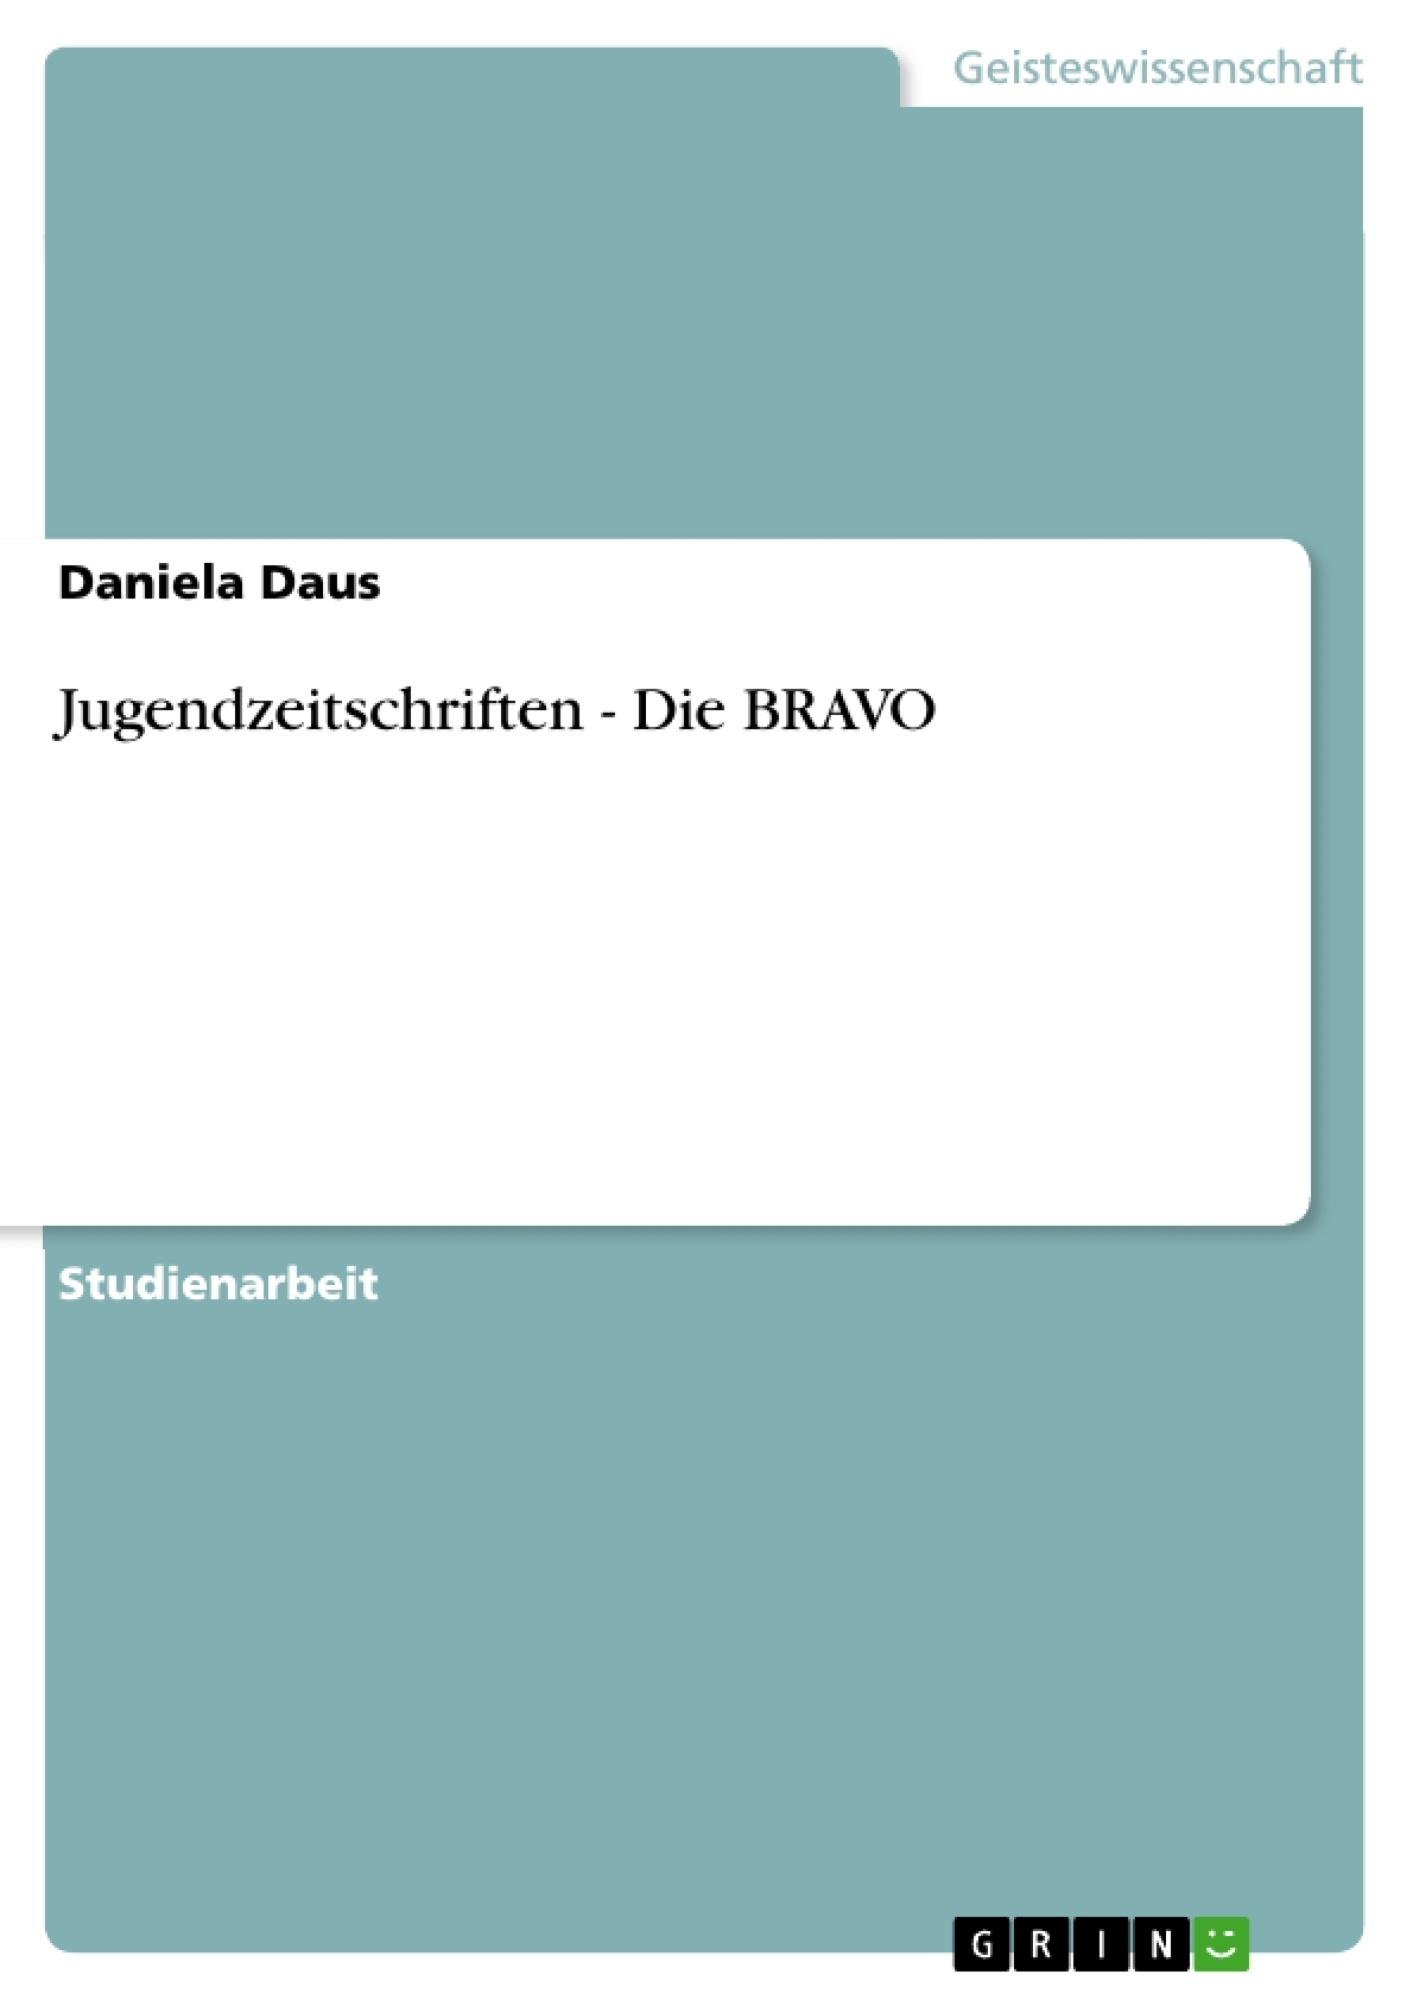 Titel: Jugendzeitschriften - Die BRAVO